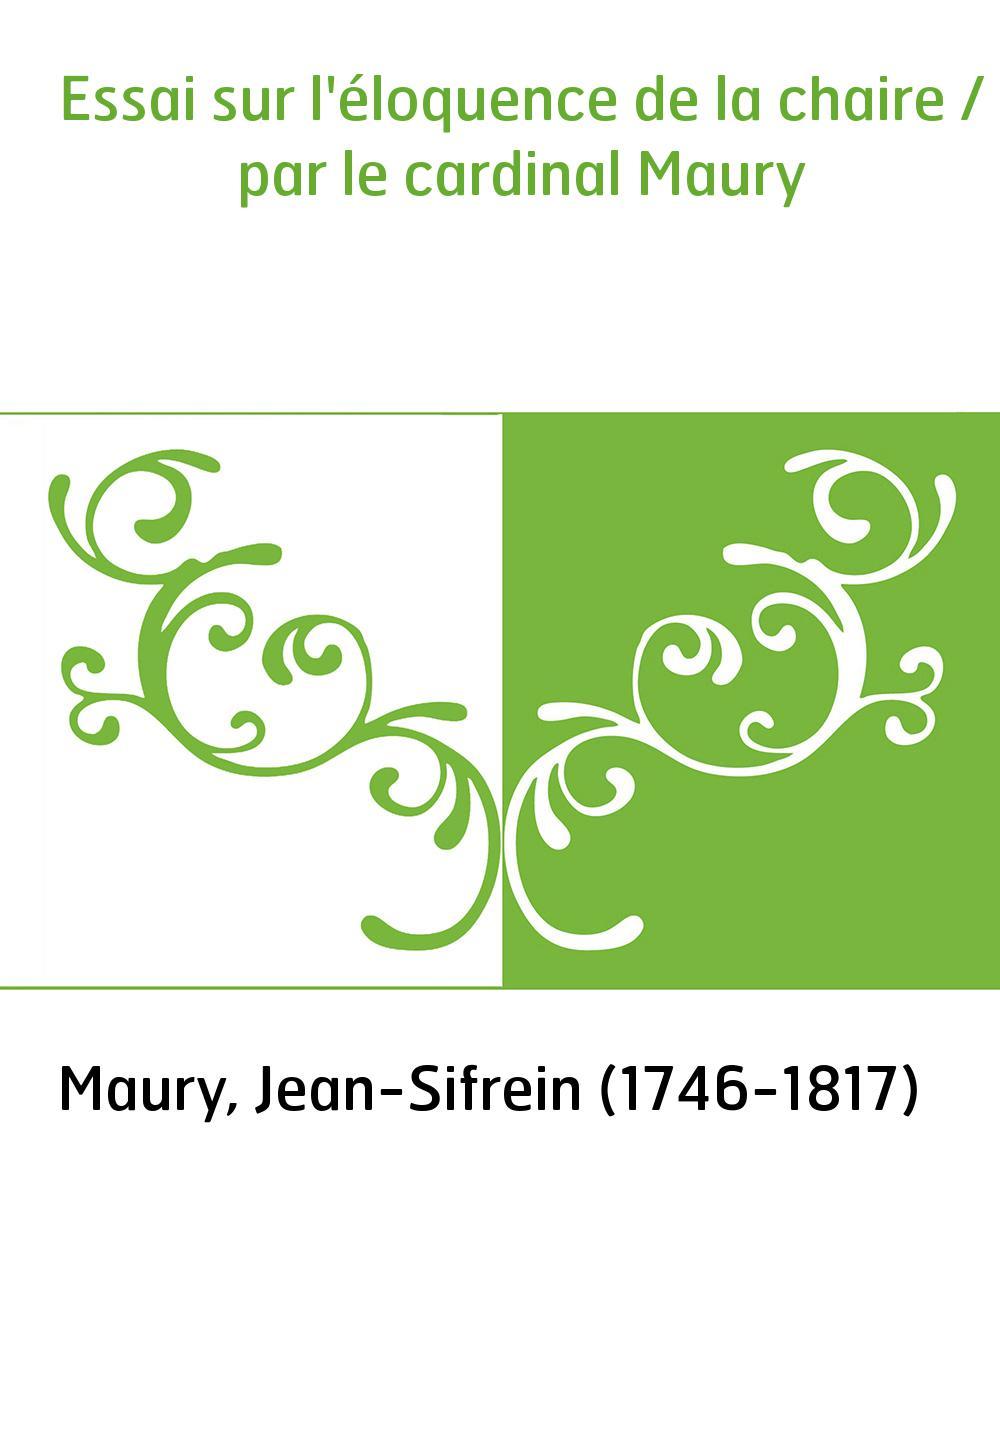 Essai sur l'éloquence de la chaire / par le cardinal Maury